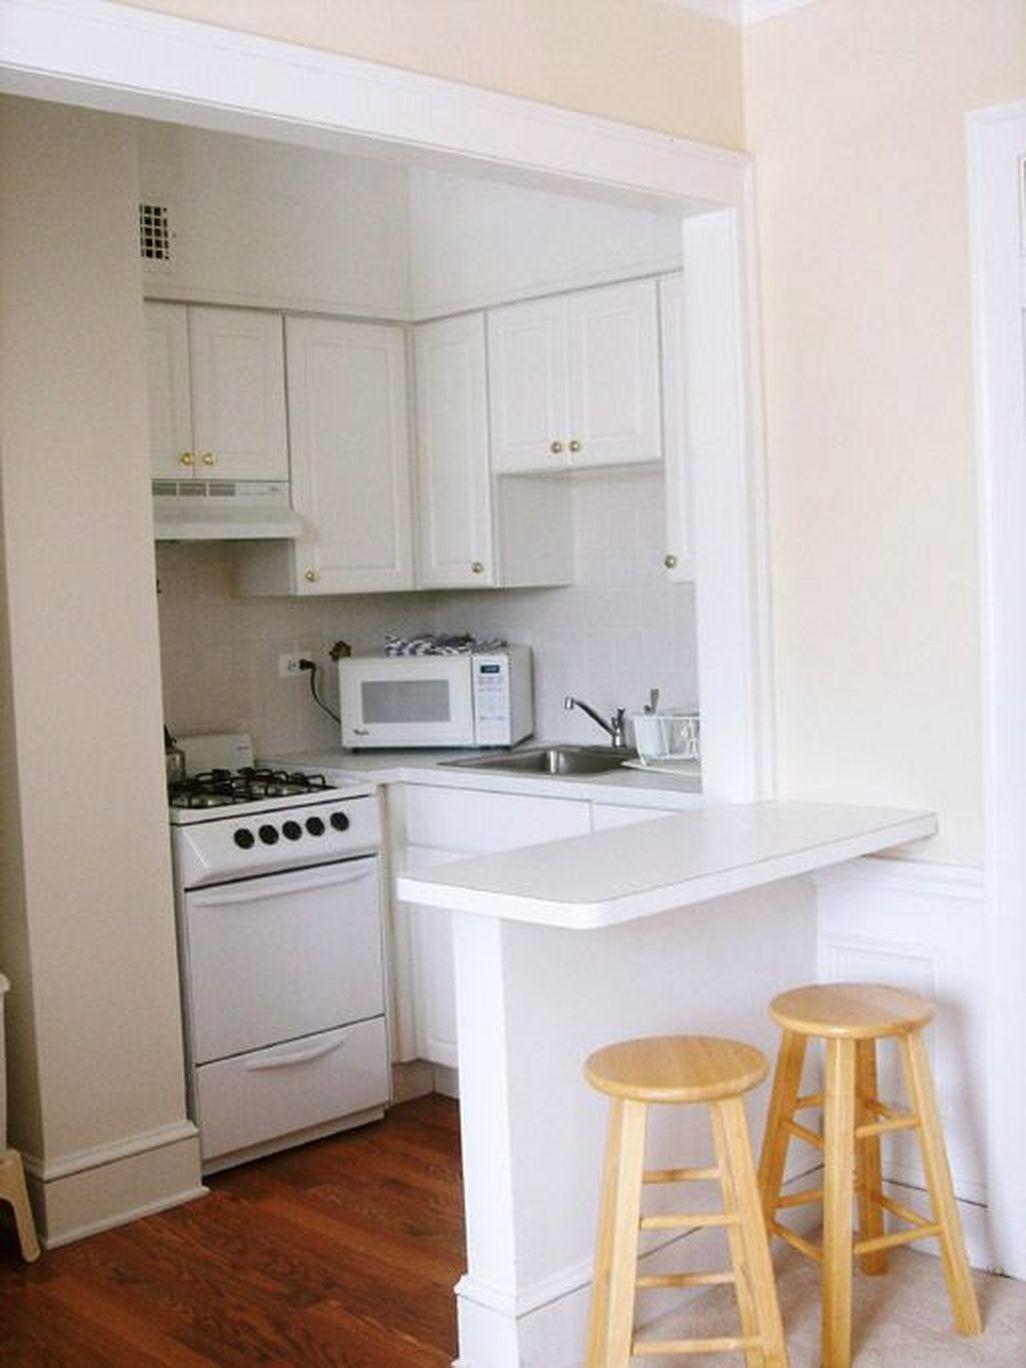 Cozy Apartment Studio Decoration Ideas 18